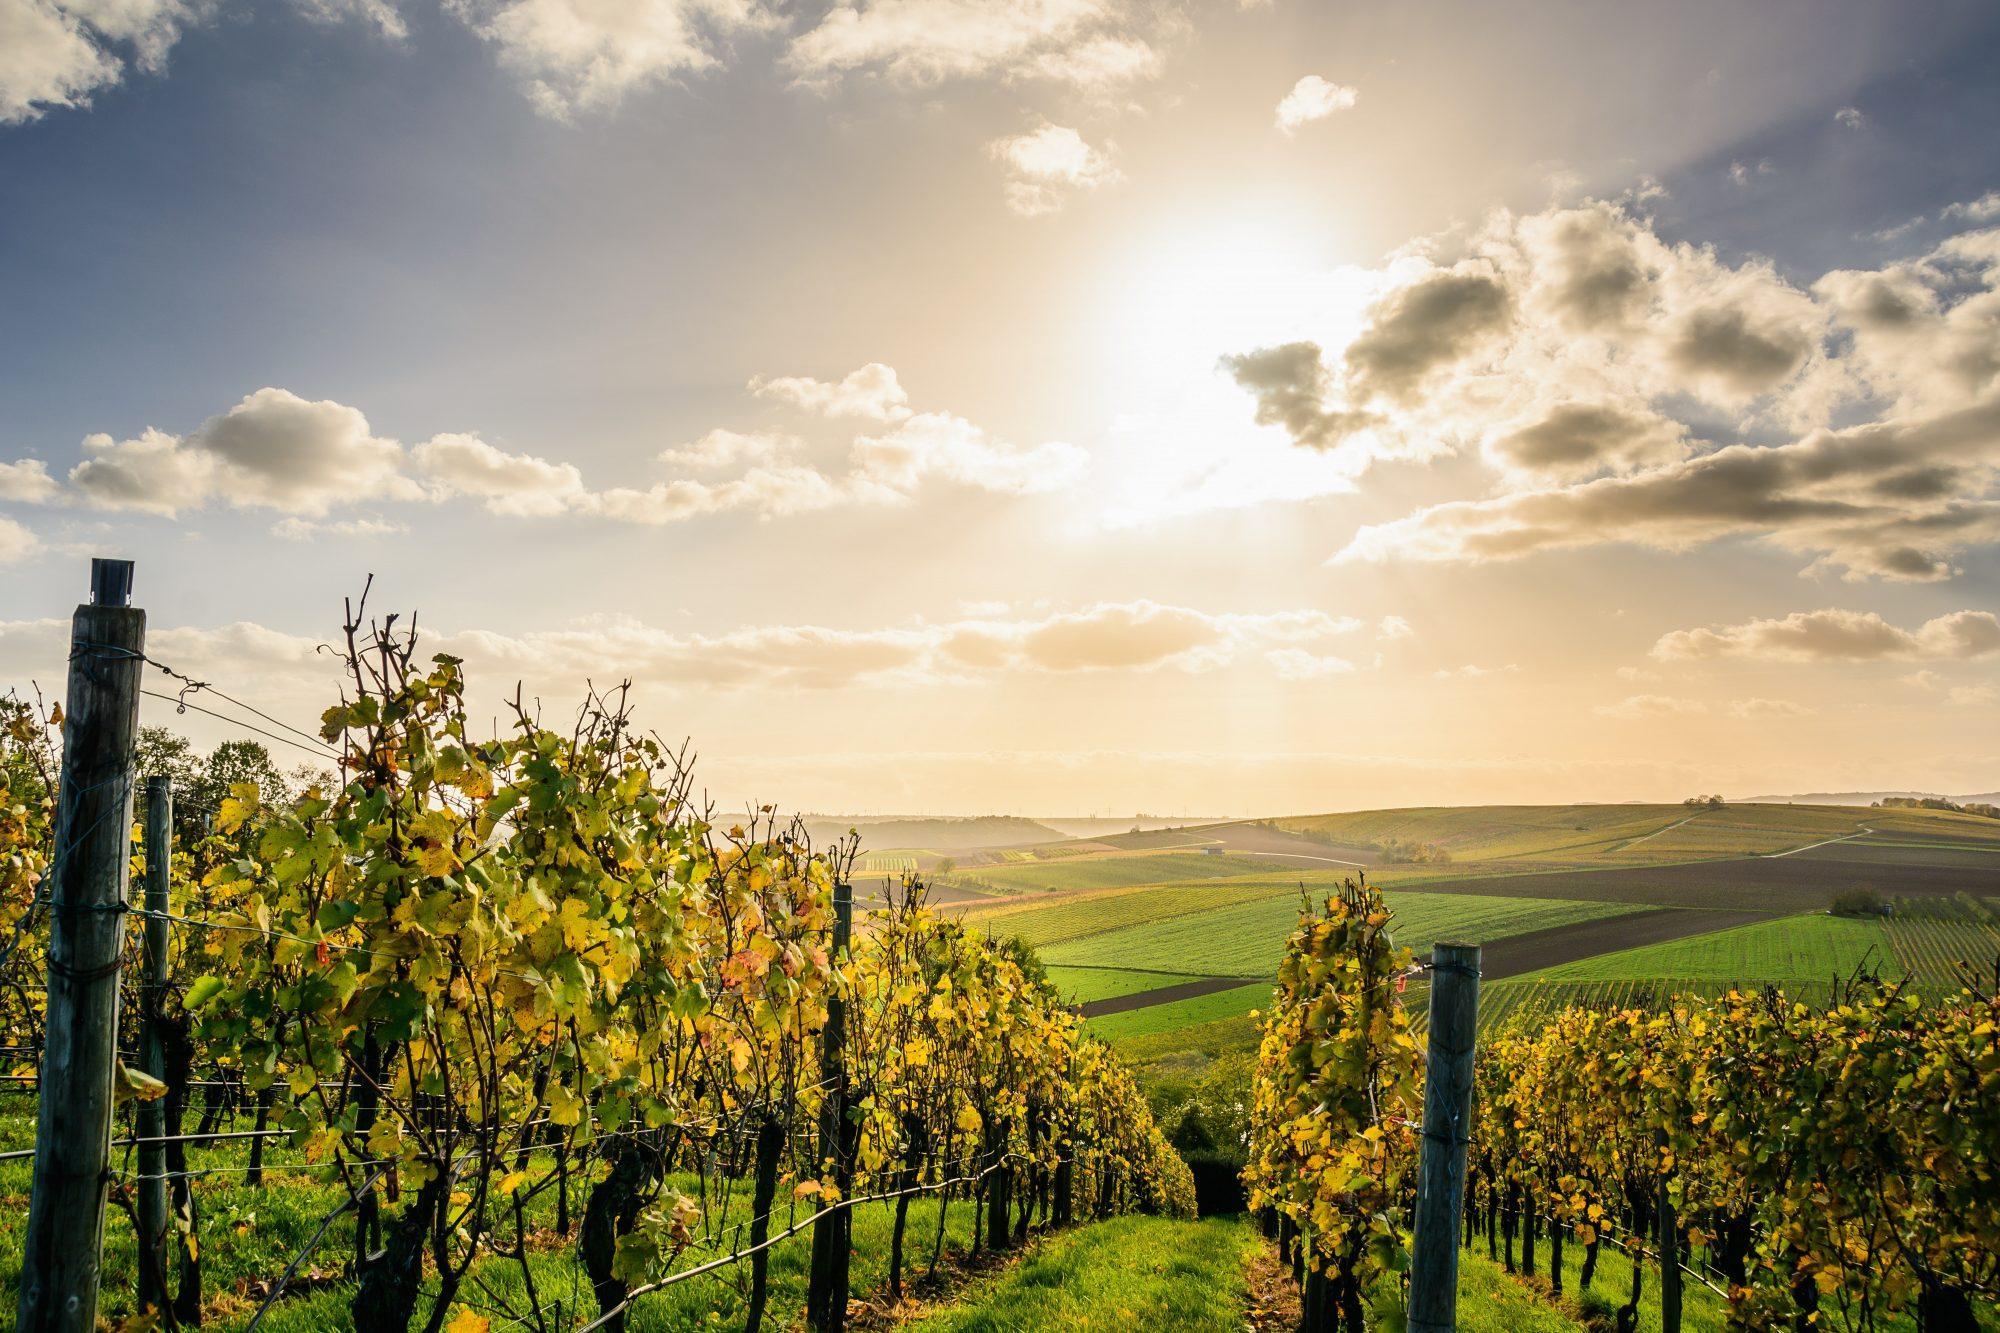 szőlő, szőlő ültetvény